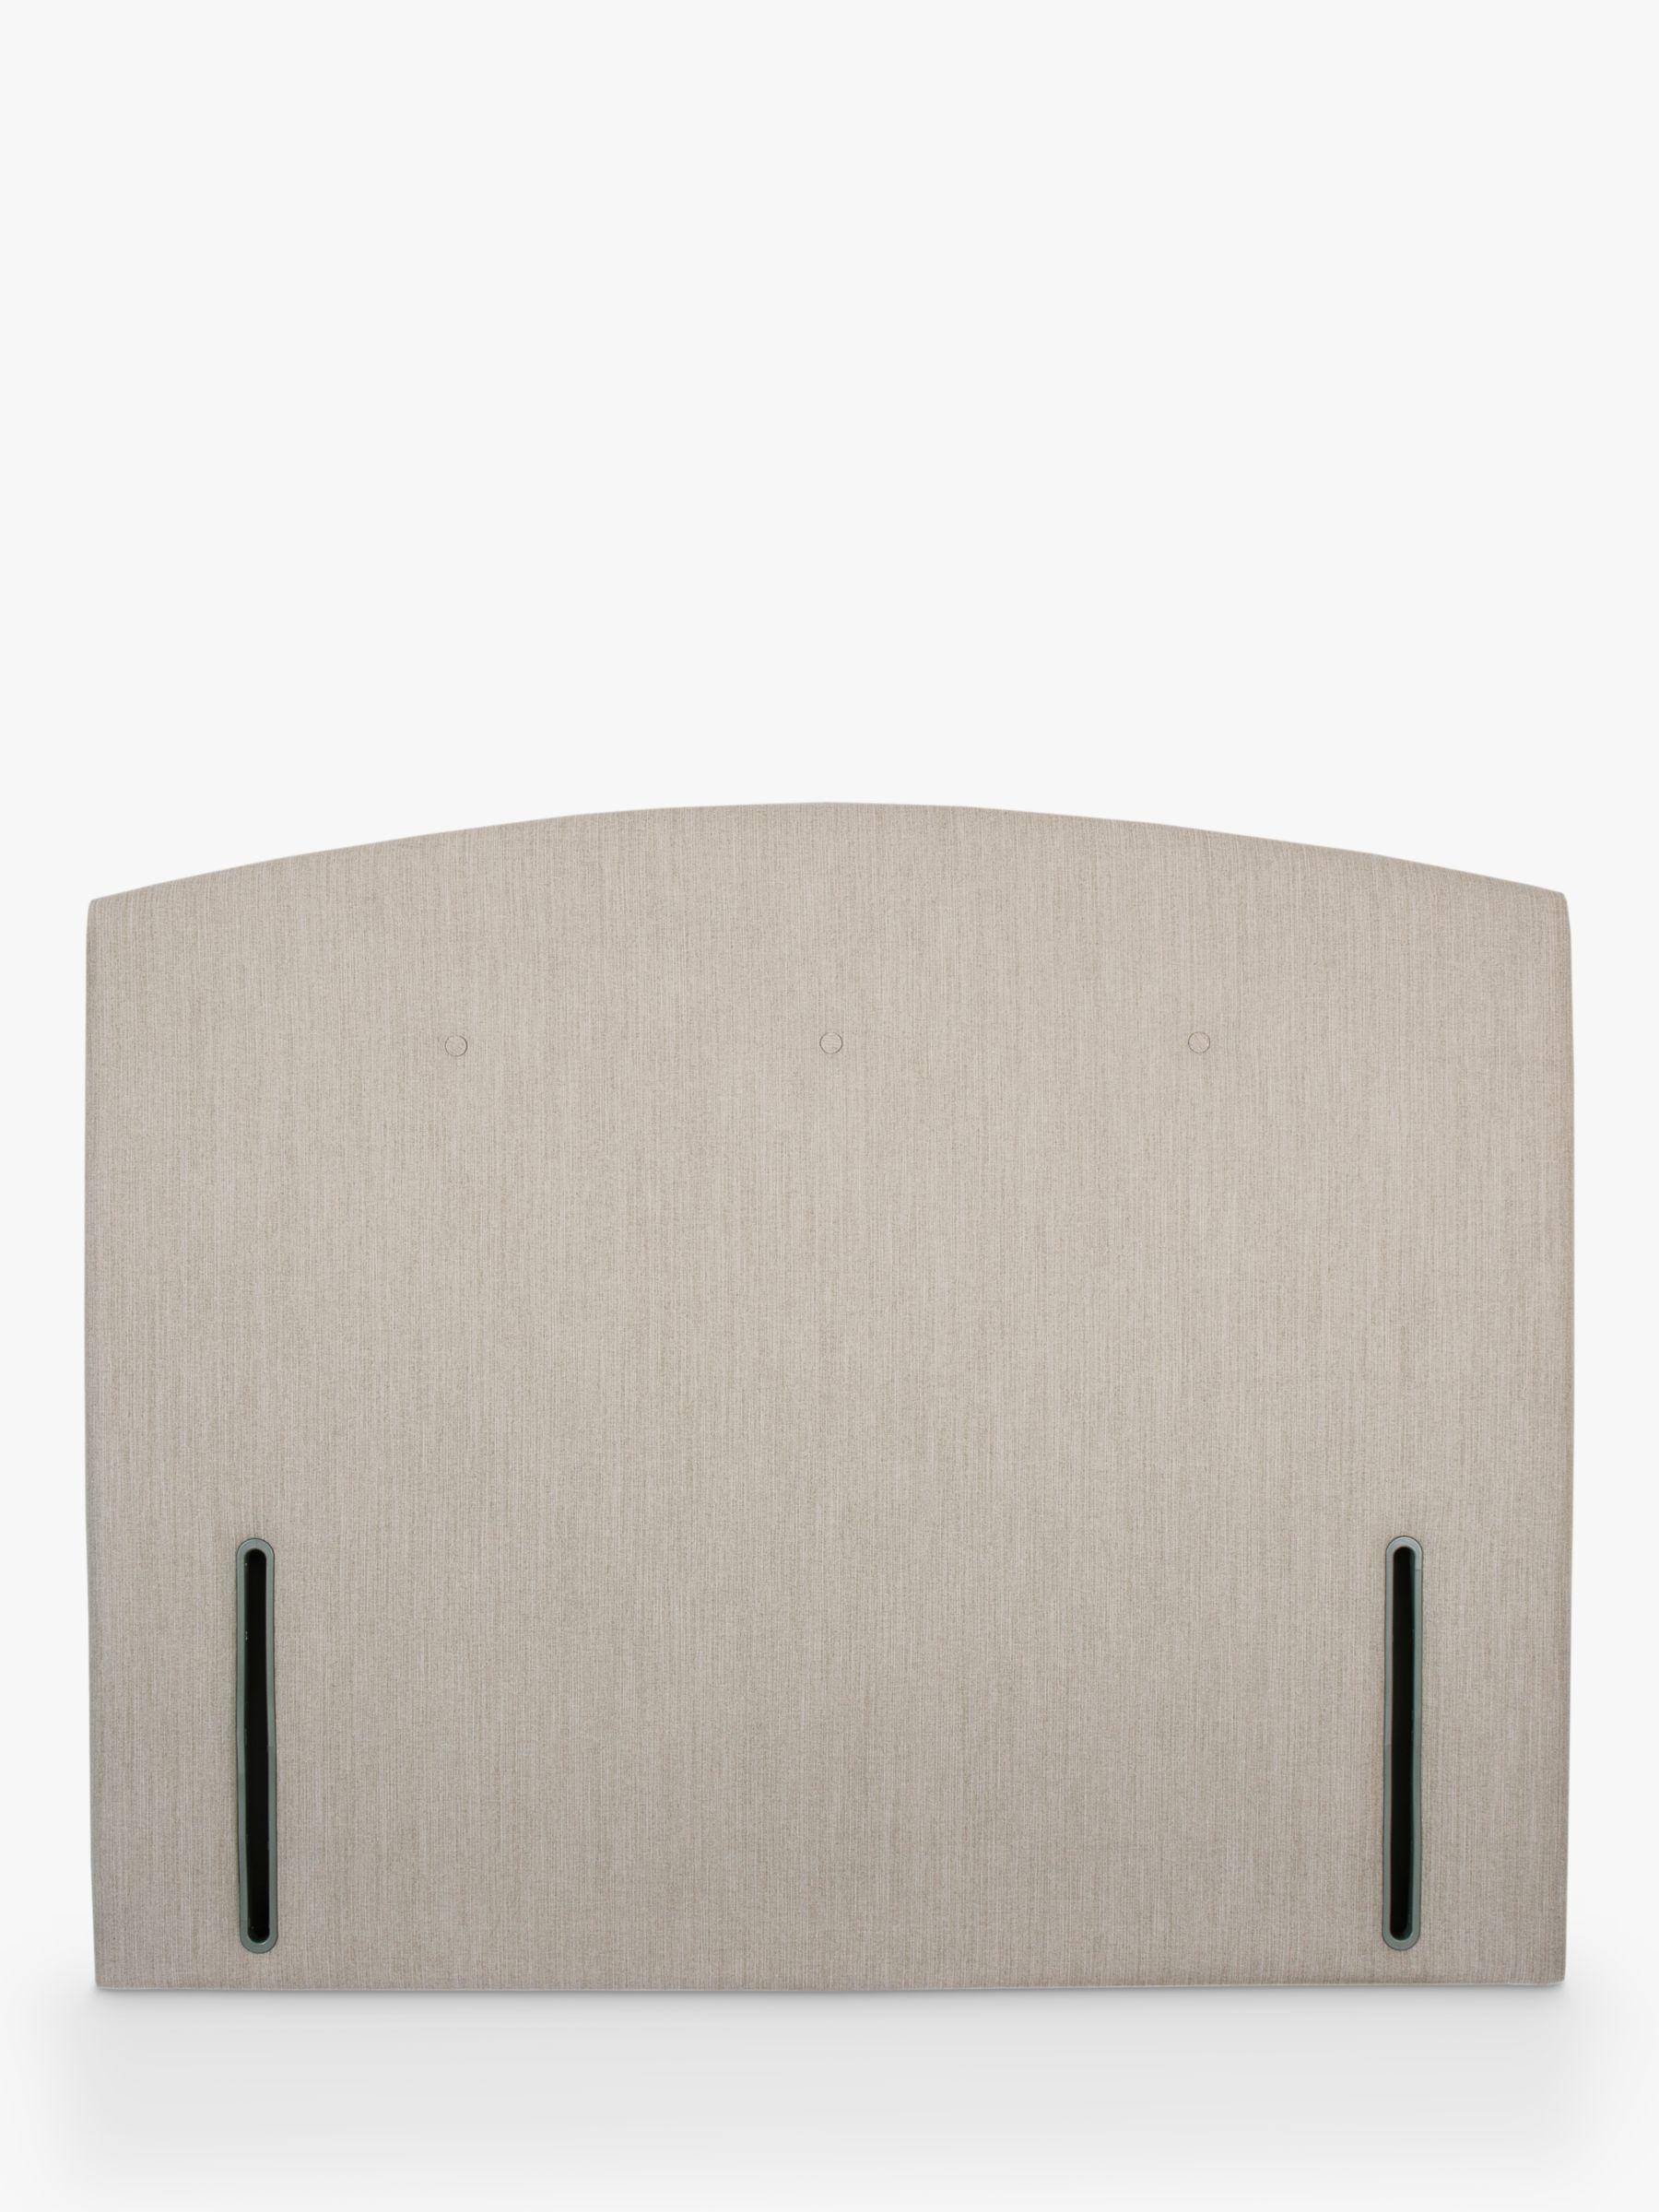 John Lewis & Partners Grace Full Depth Upholstered Headboard, King Size